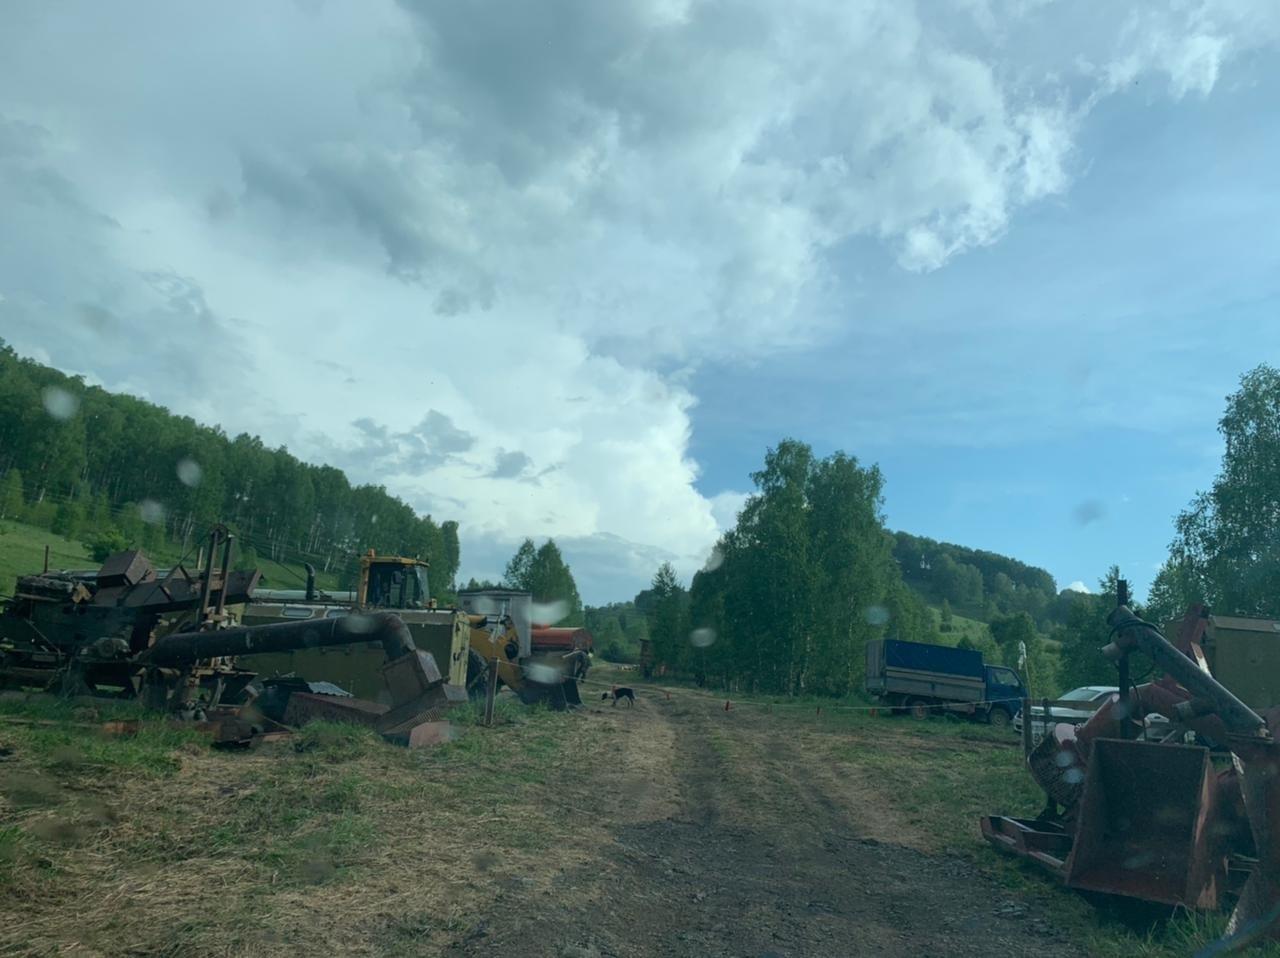 Скандальные золотодобытчики вновь пытаются углубиться чистый уголок Солонешенского района